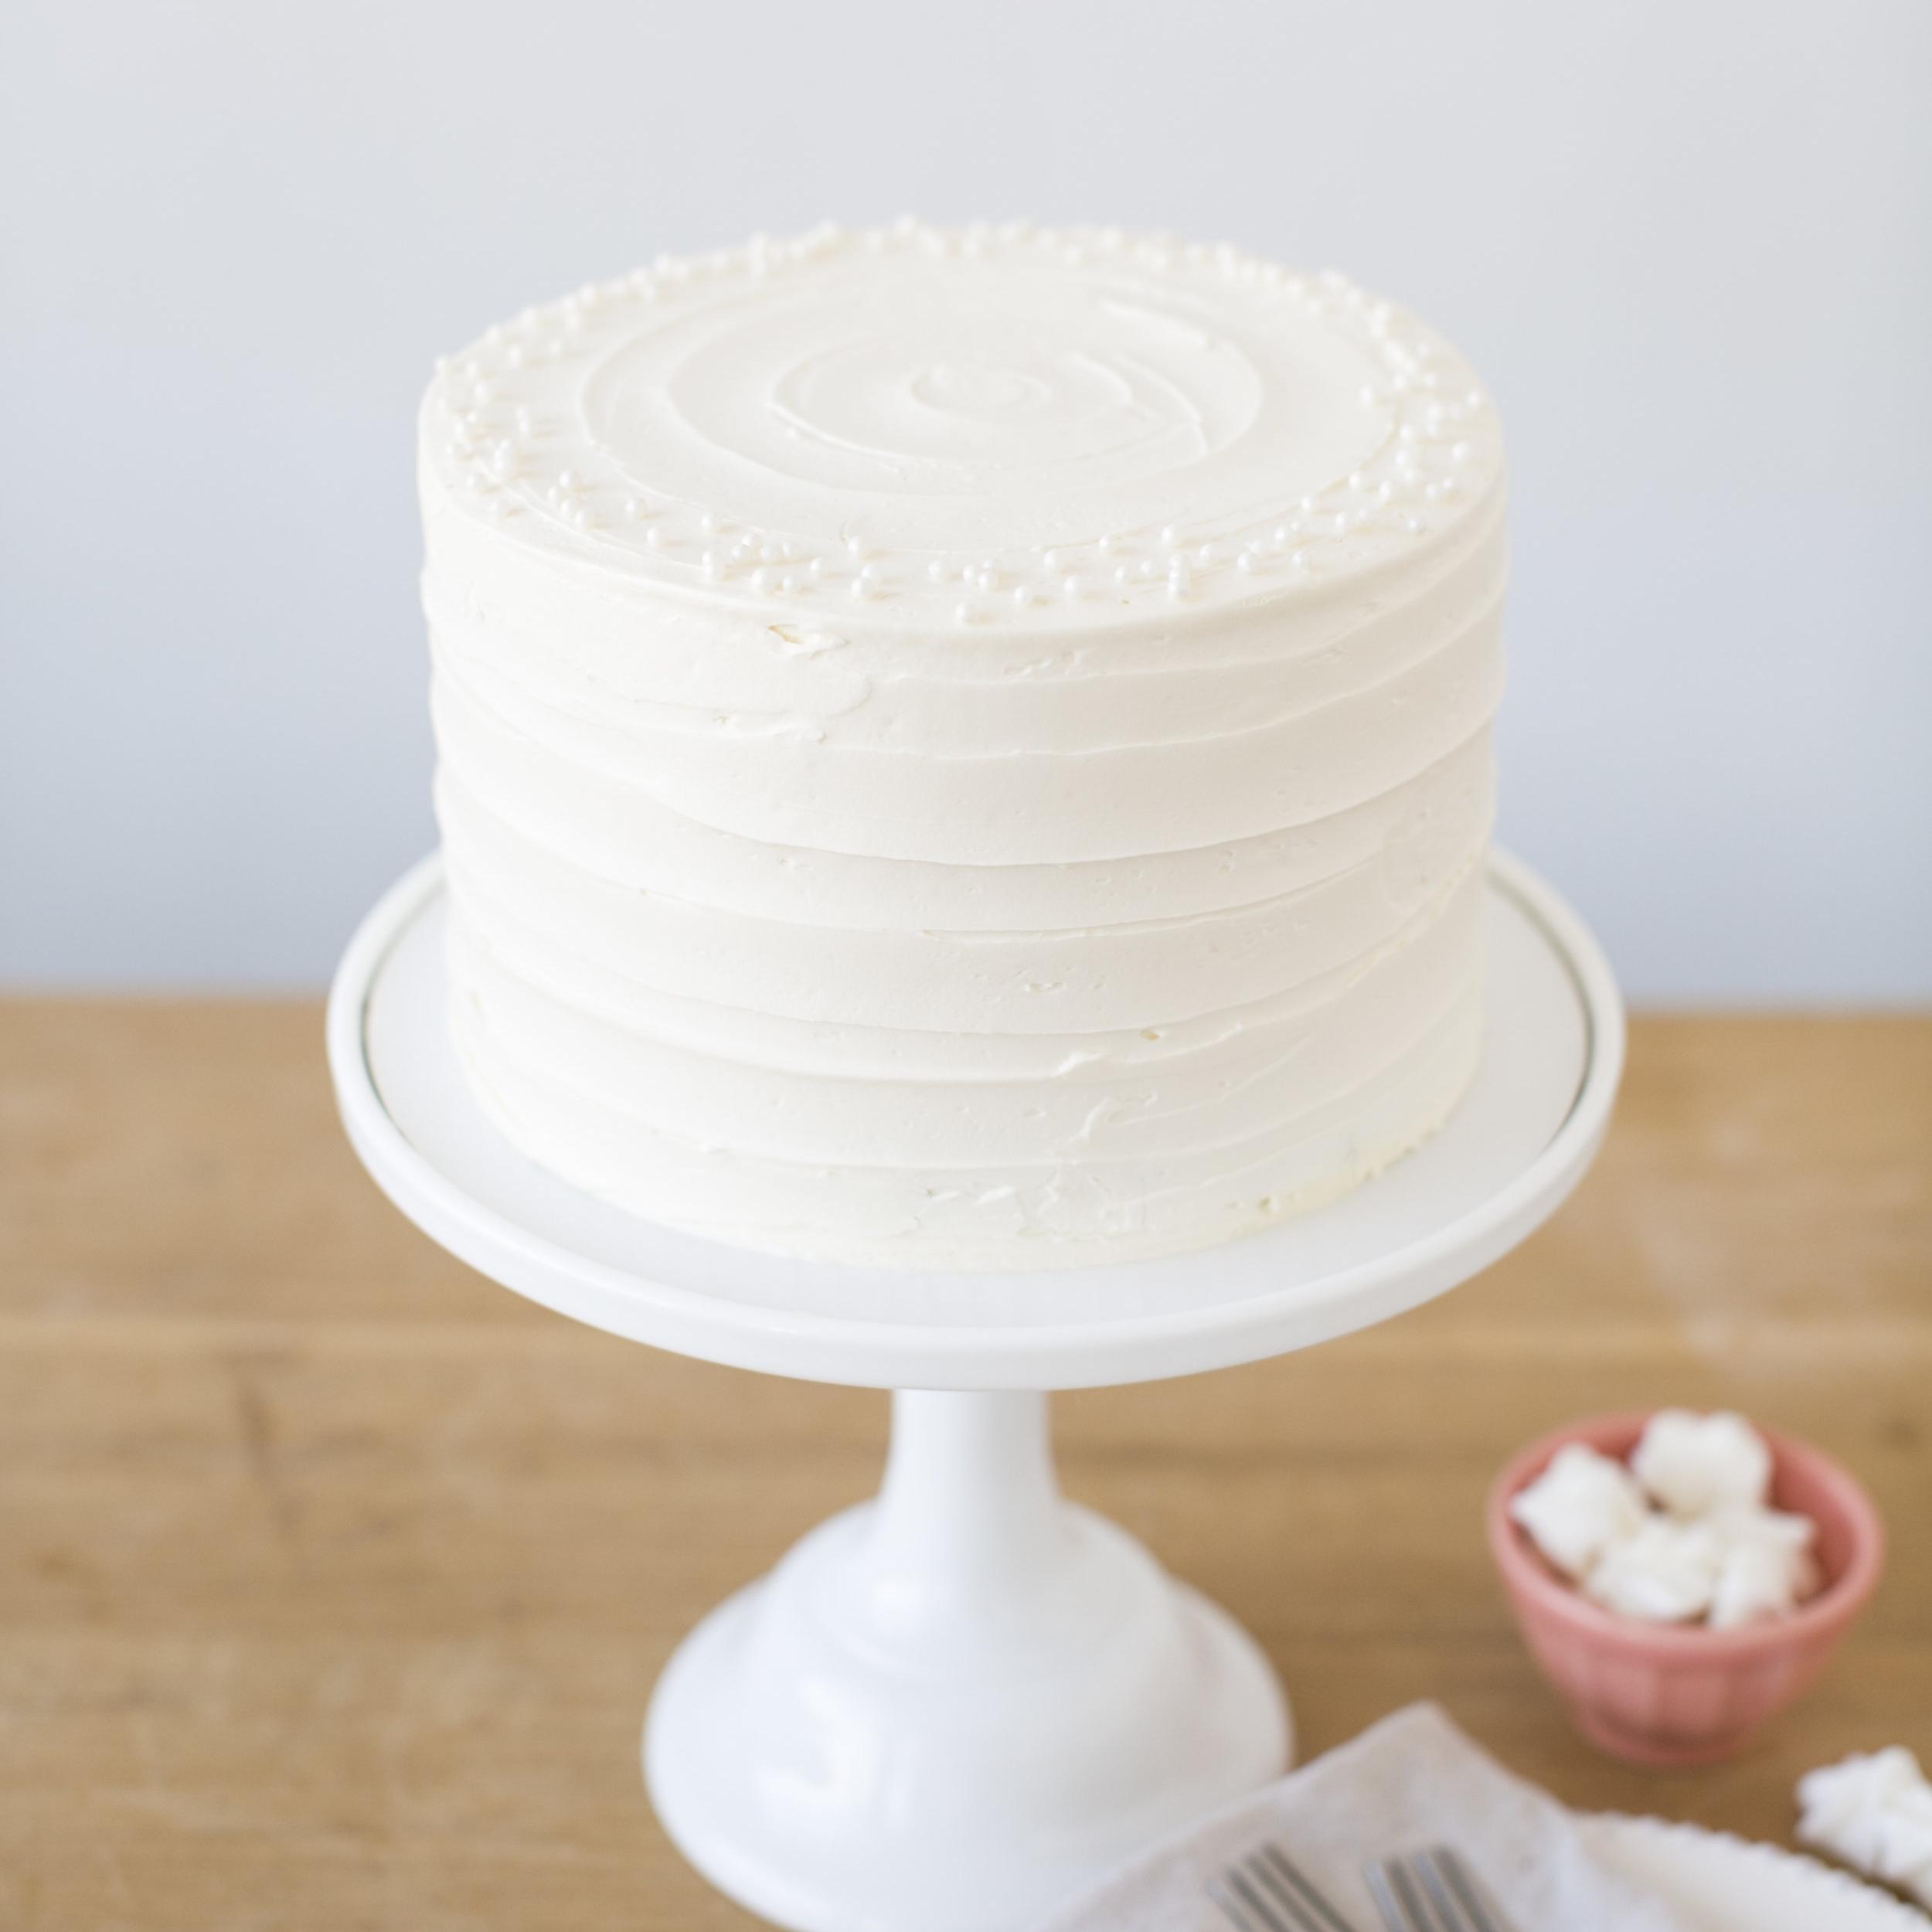 Red Velvet  Red velvet cake, cream cheese filling and vanilla buttercream  $47